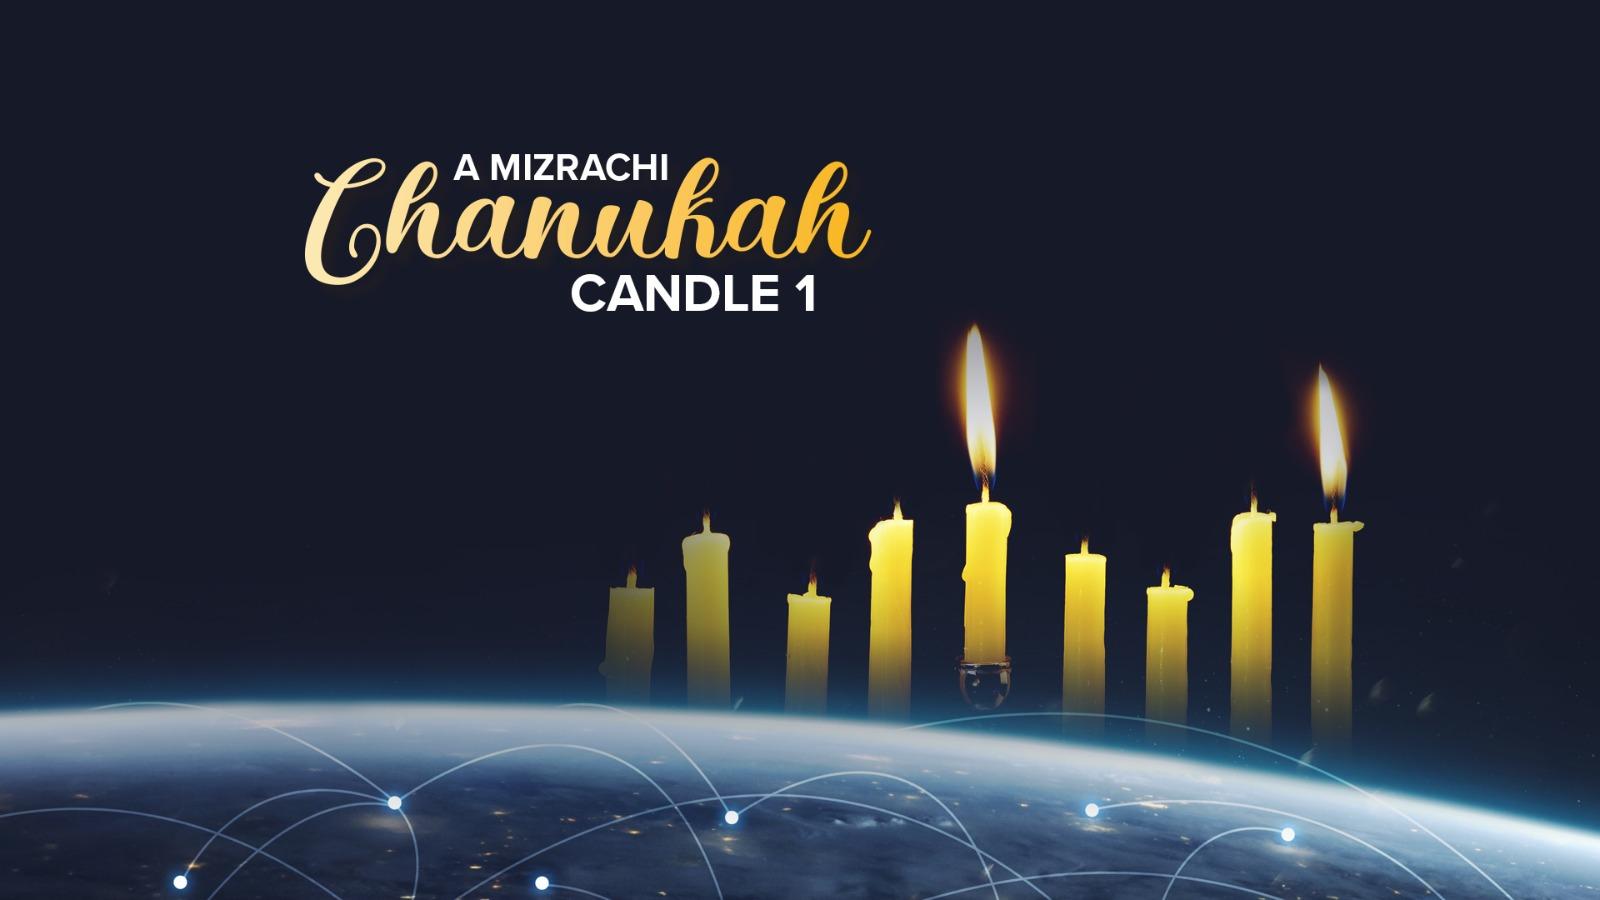 A Mizrachi Chanukah – Candle 1